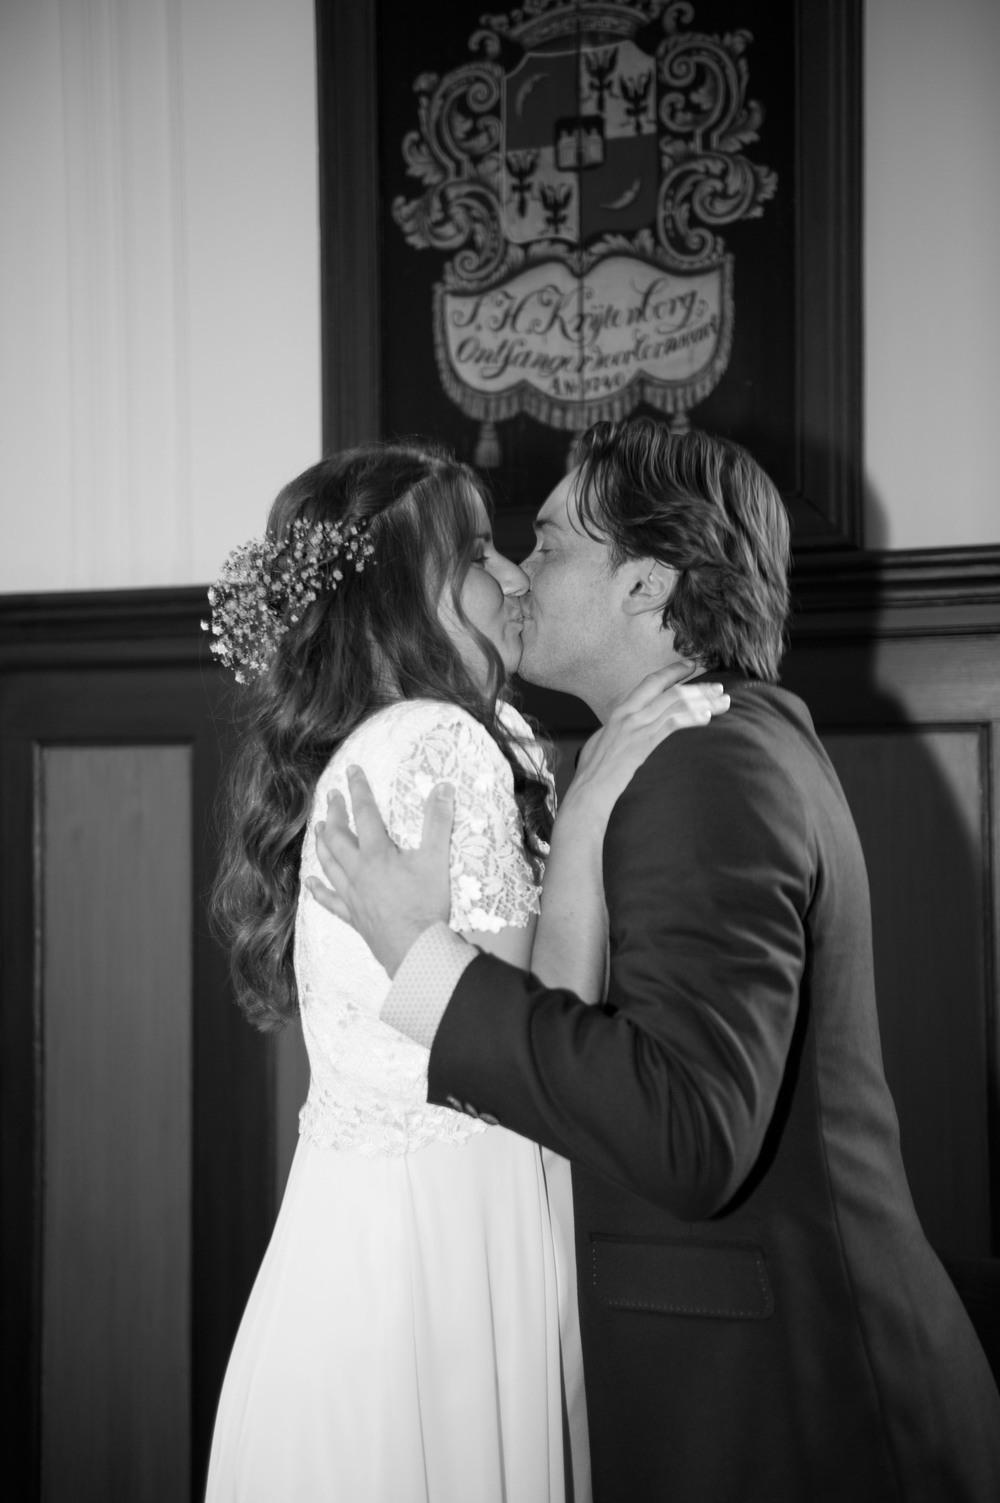 20140802_Cornwerd Wedding_2594 kopiëren.jpg